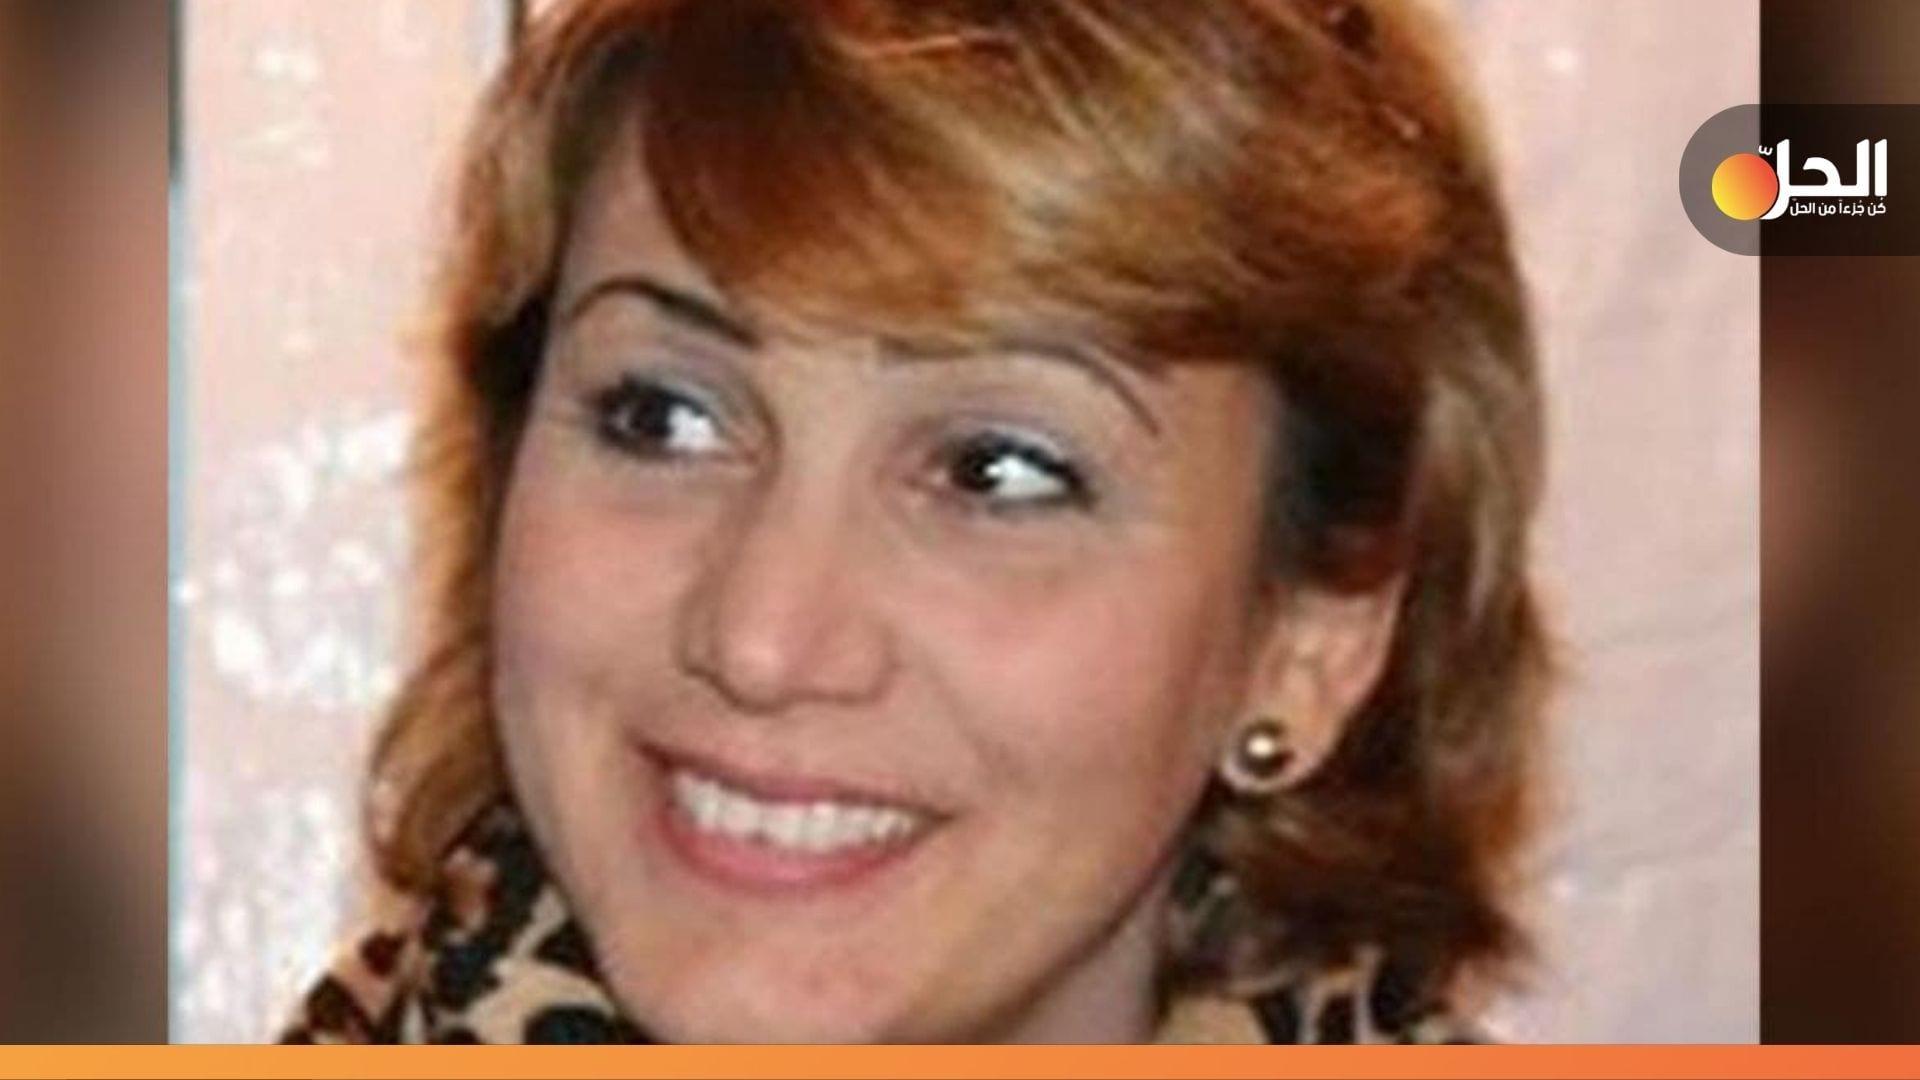 """العراق: اعتقال الصحفيّة """"قدس السامرائي"""" ومركَزٌ حقوقي يطالب بالإفراج عنها"""